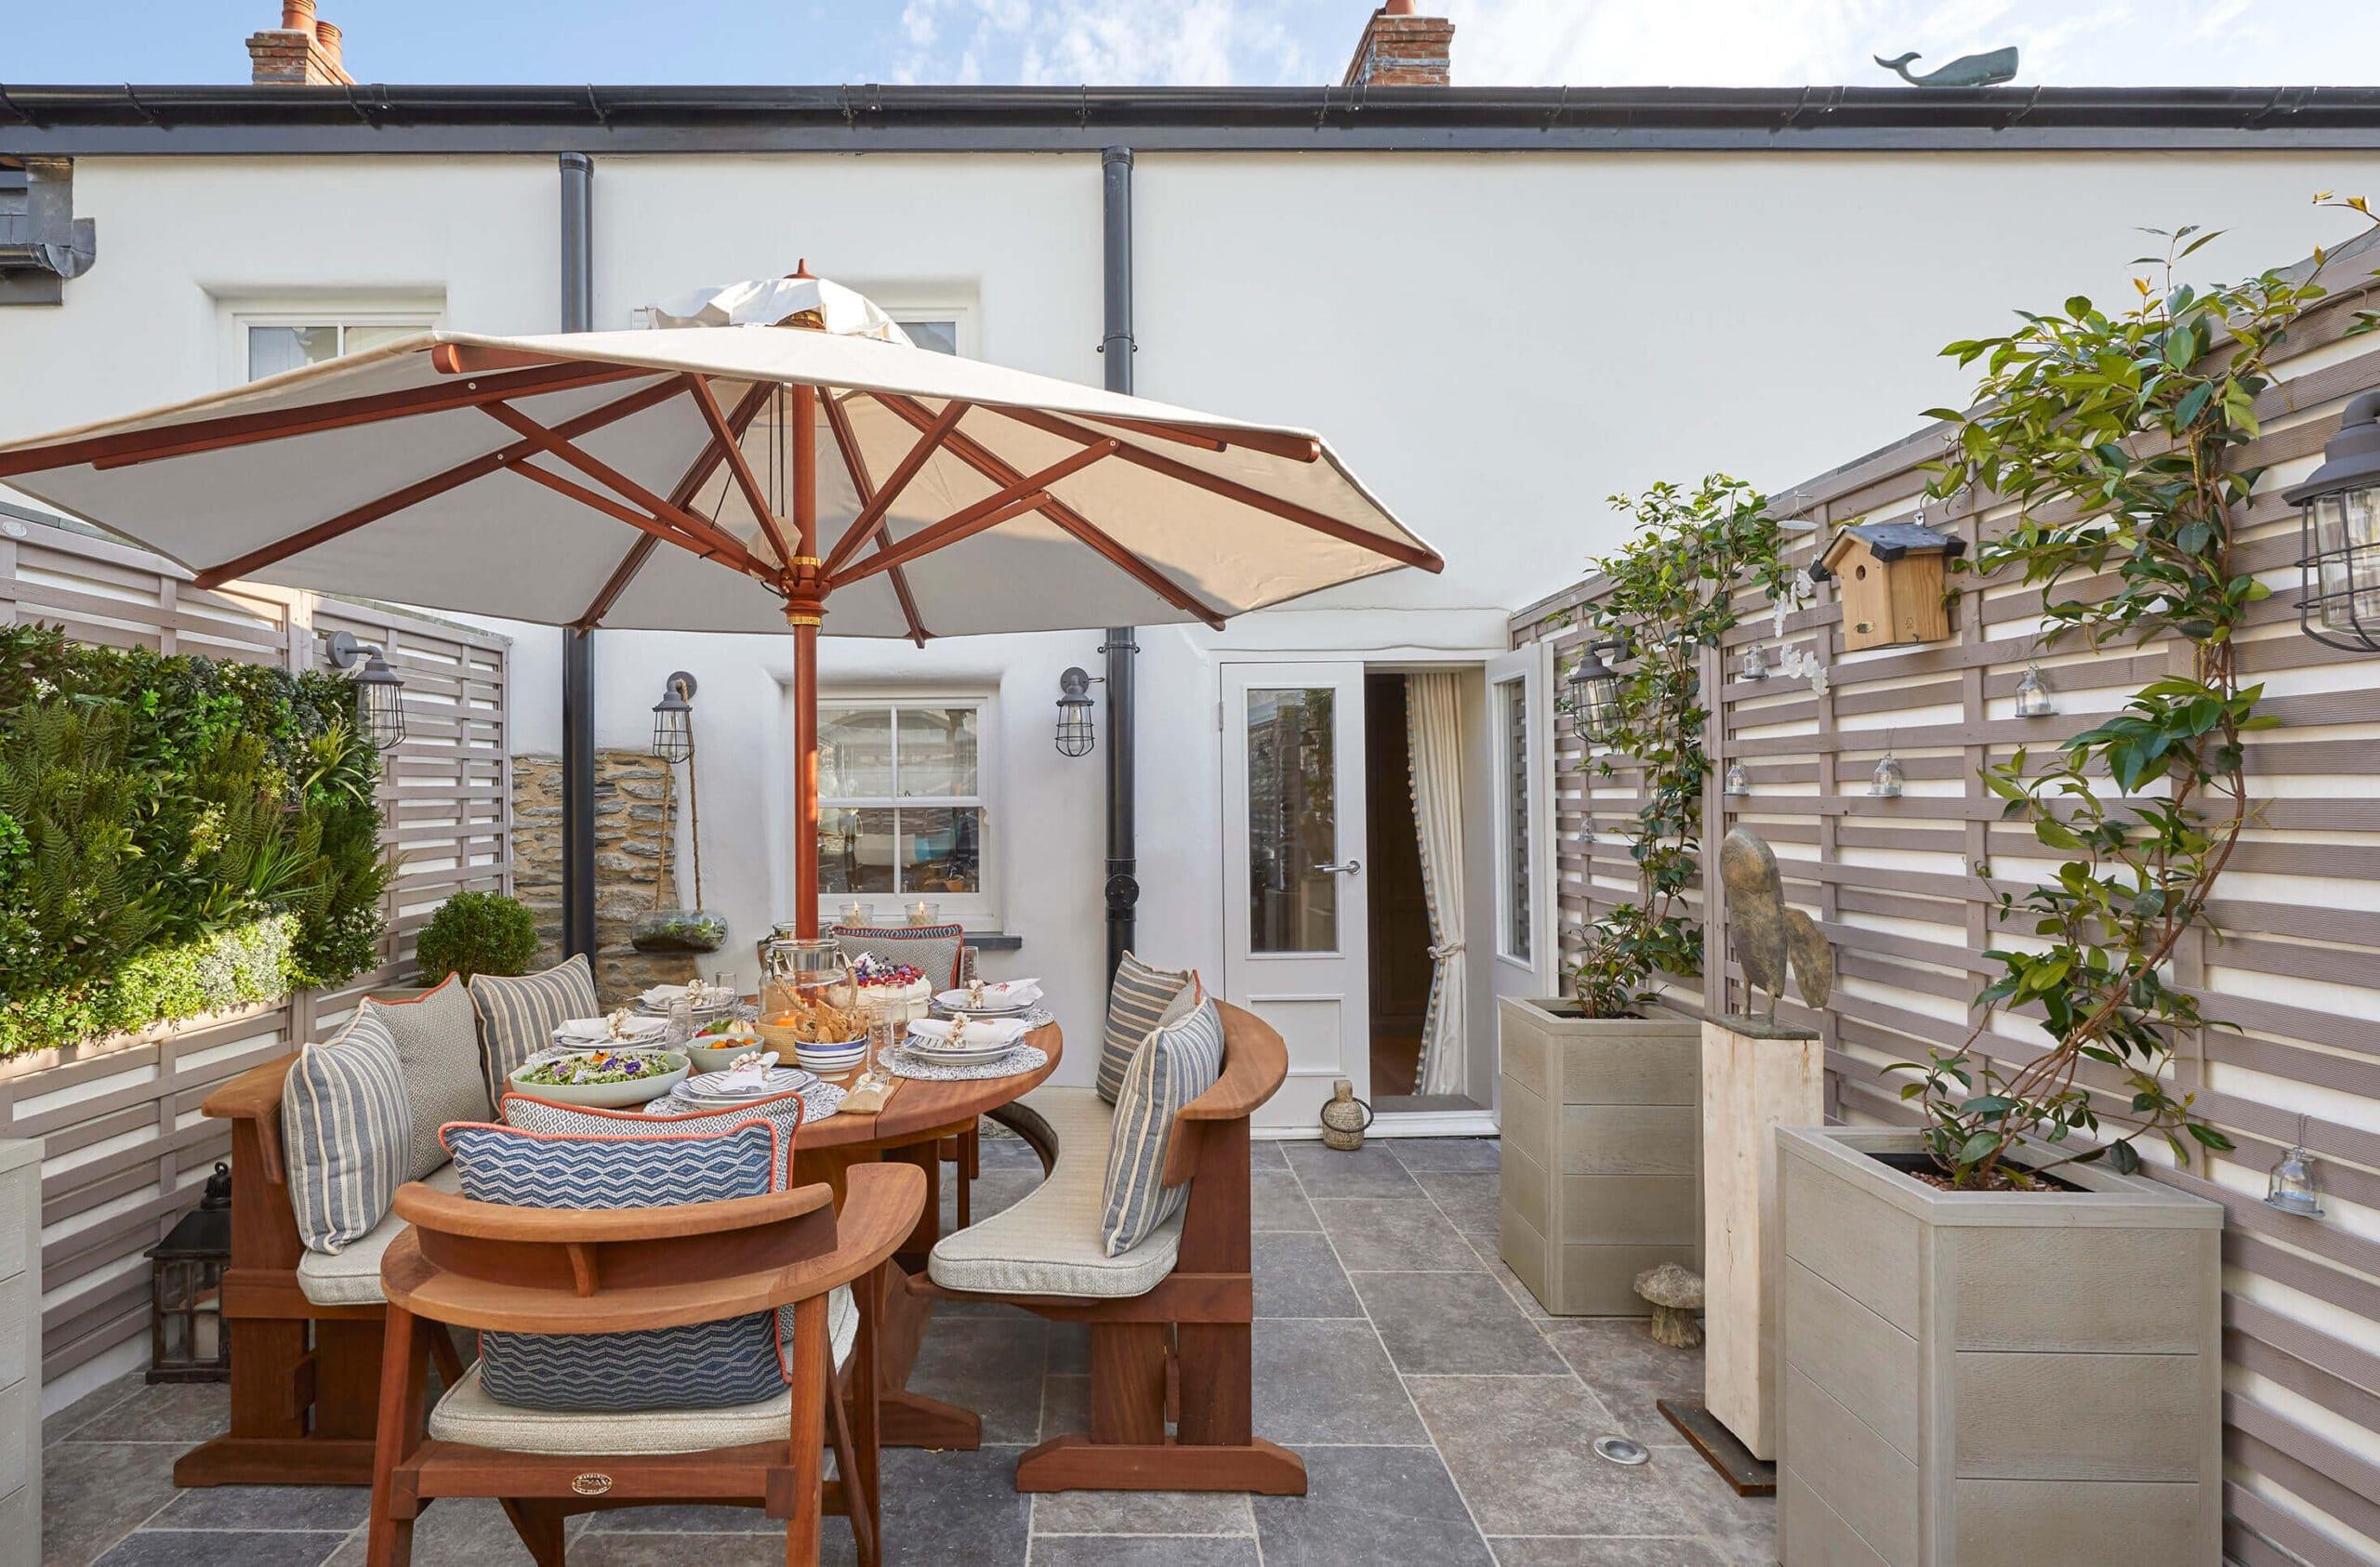 Courtyward in luxury Devon luxury inteior design project